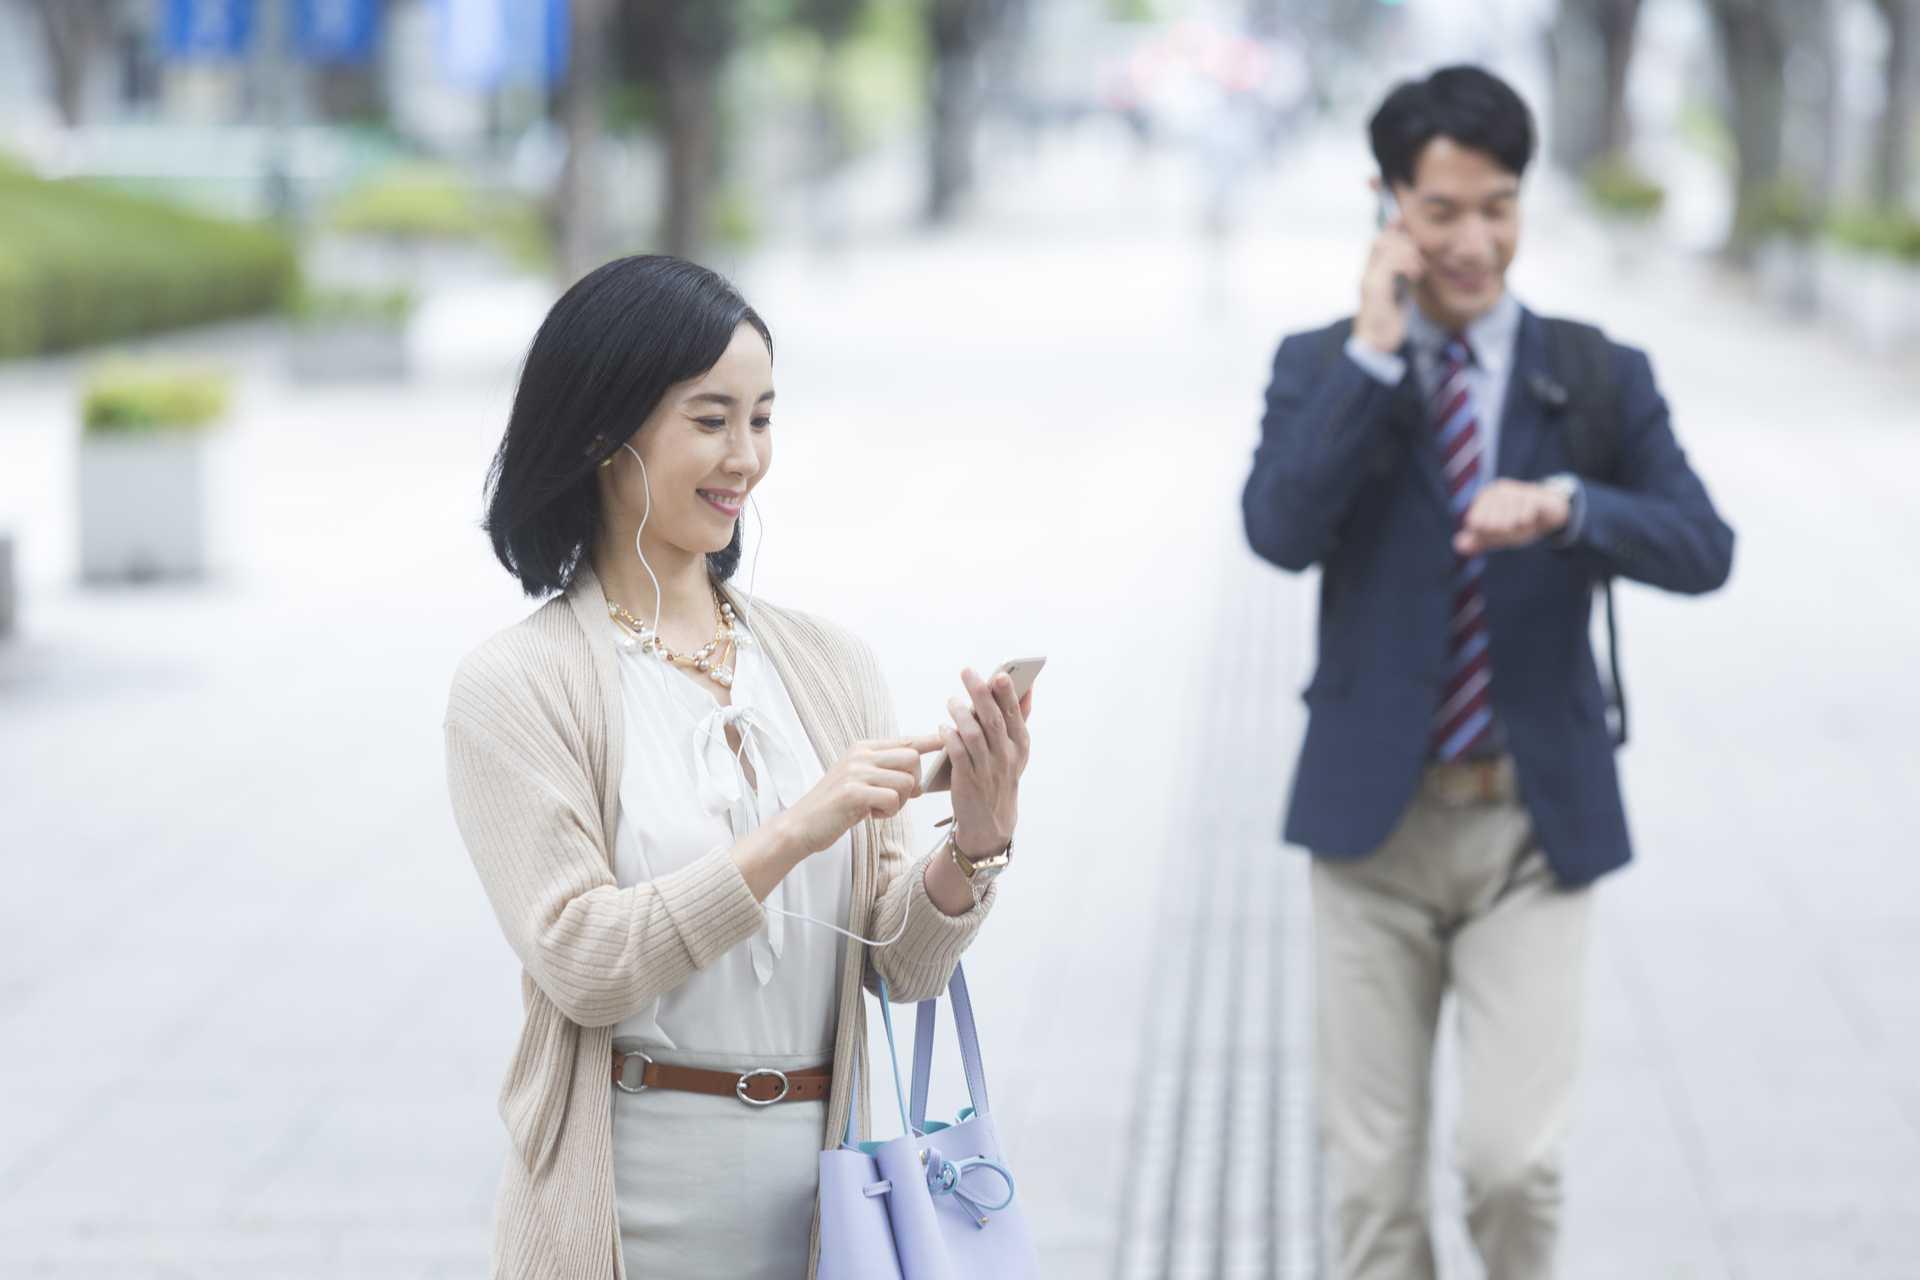 歩きながらのほうが、英会話のリスニングがよく聞き取れる。 | 脳を刺激する30の歩き方